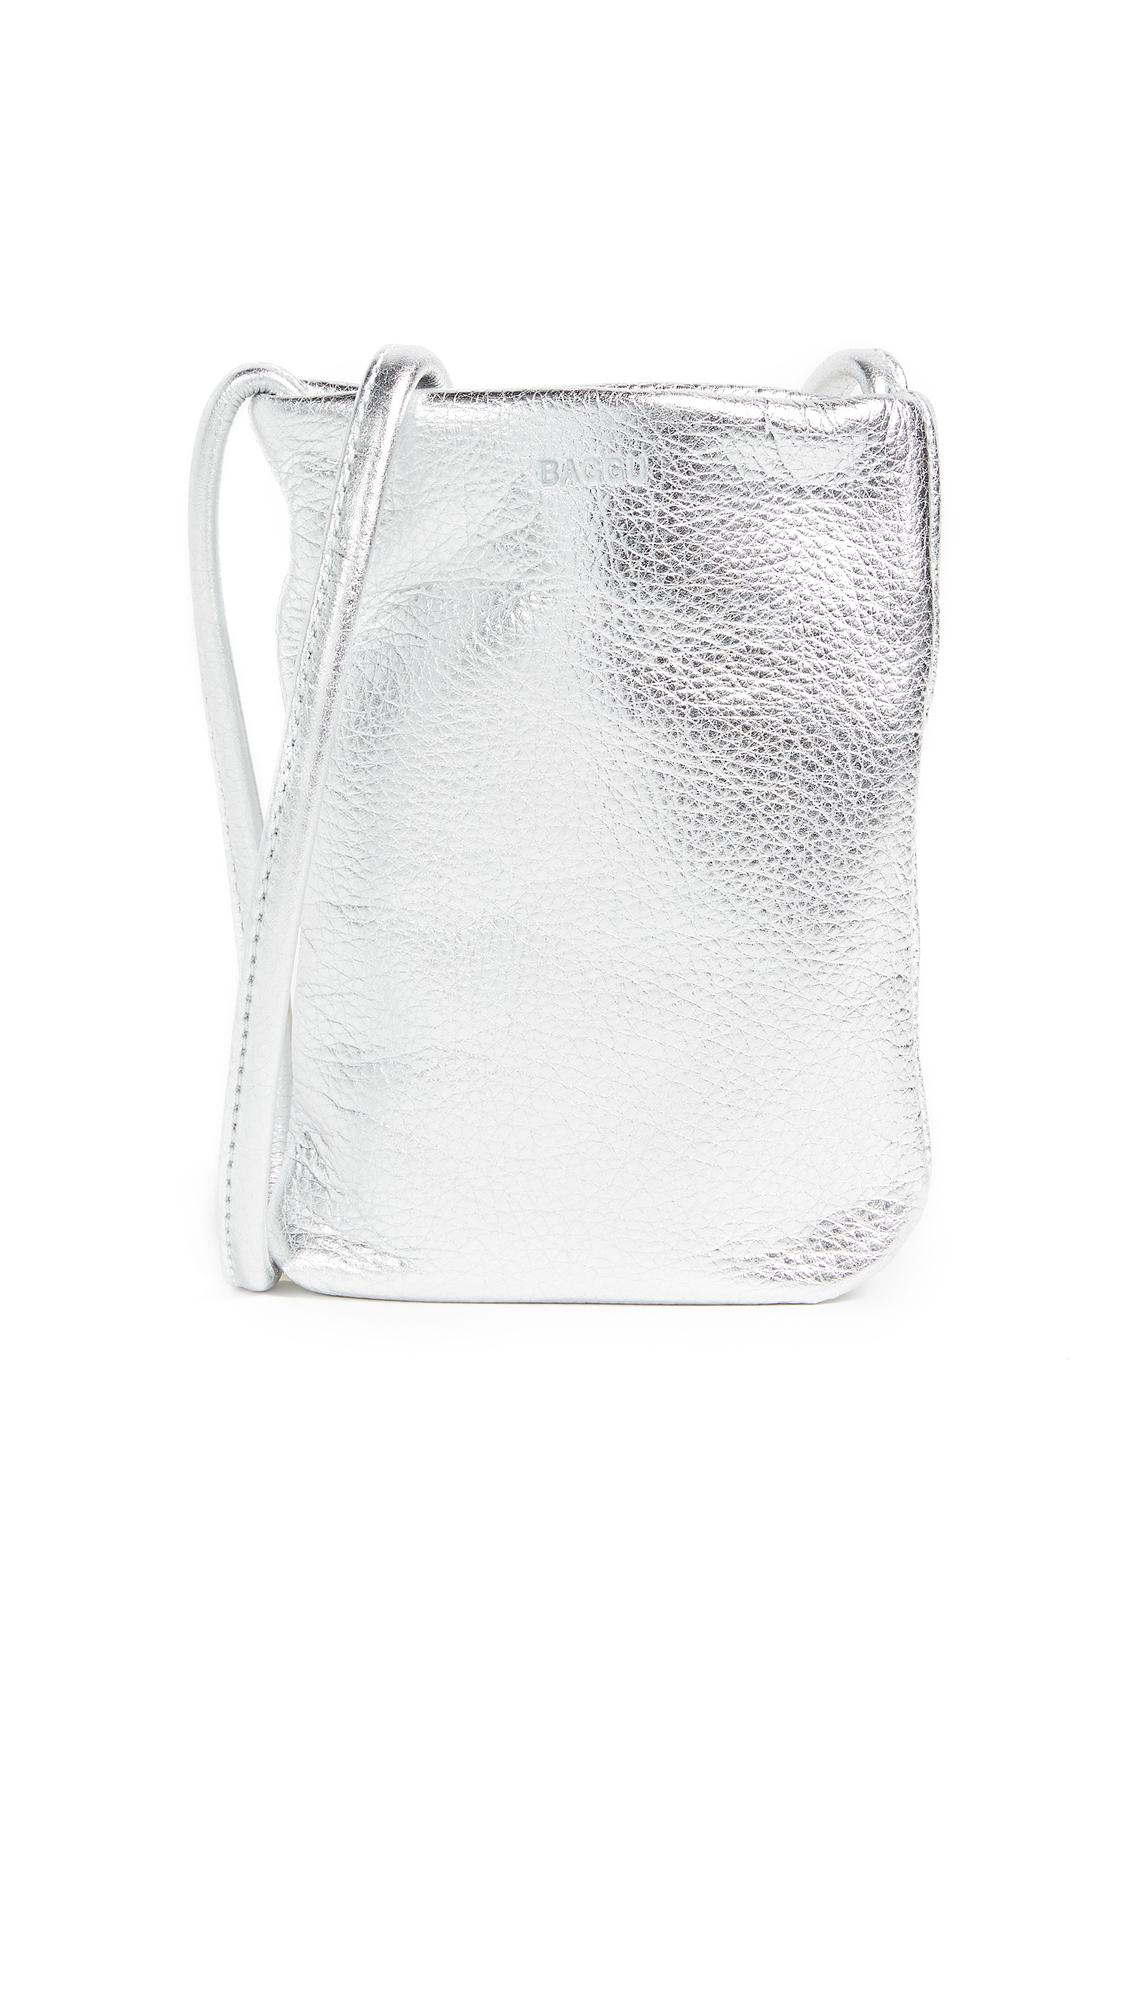 BAGGU Phone Sling - Silver